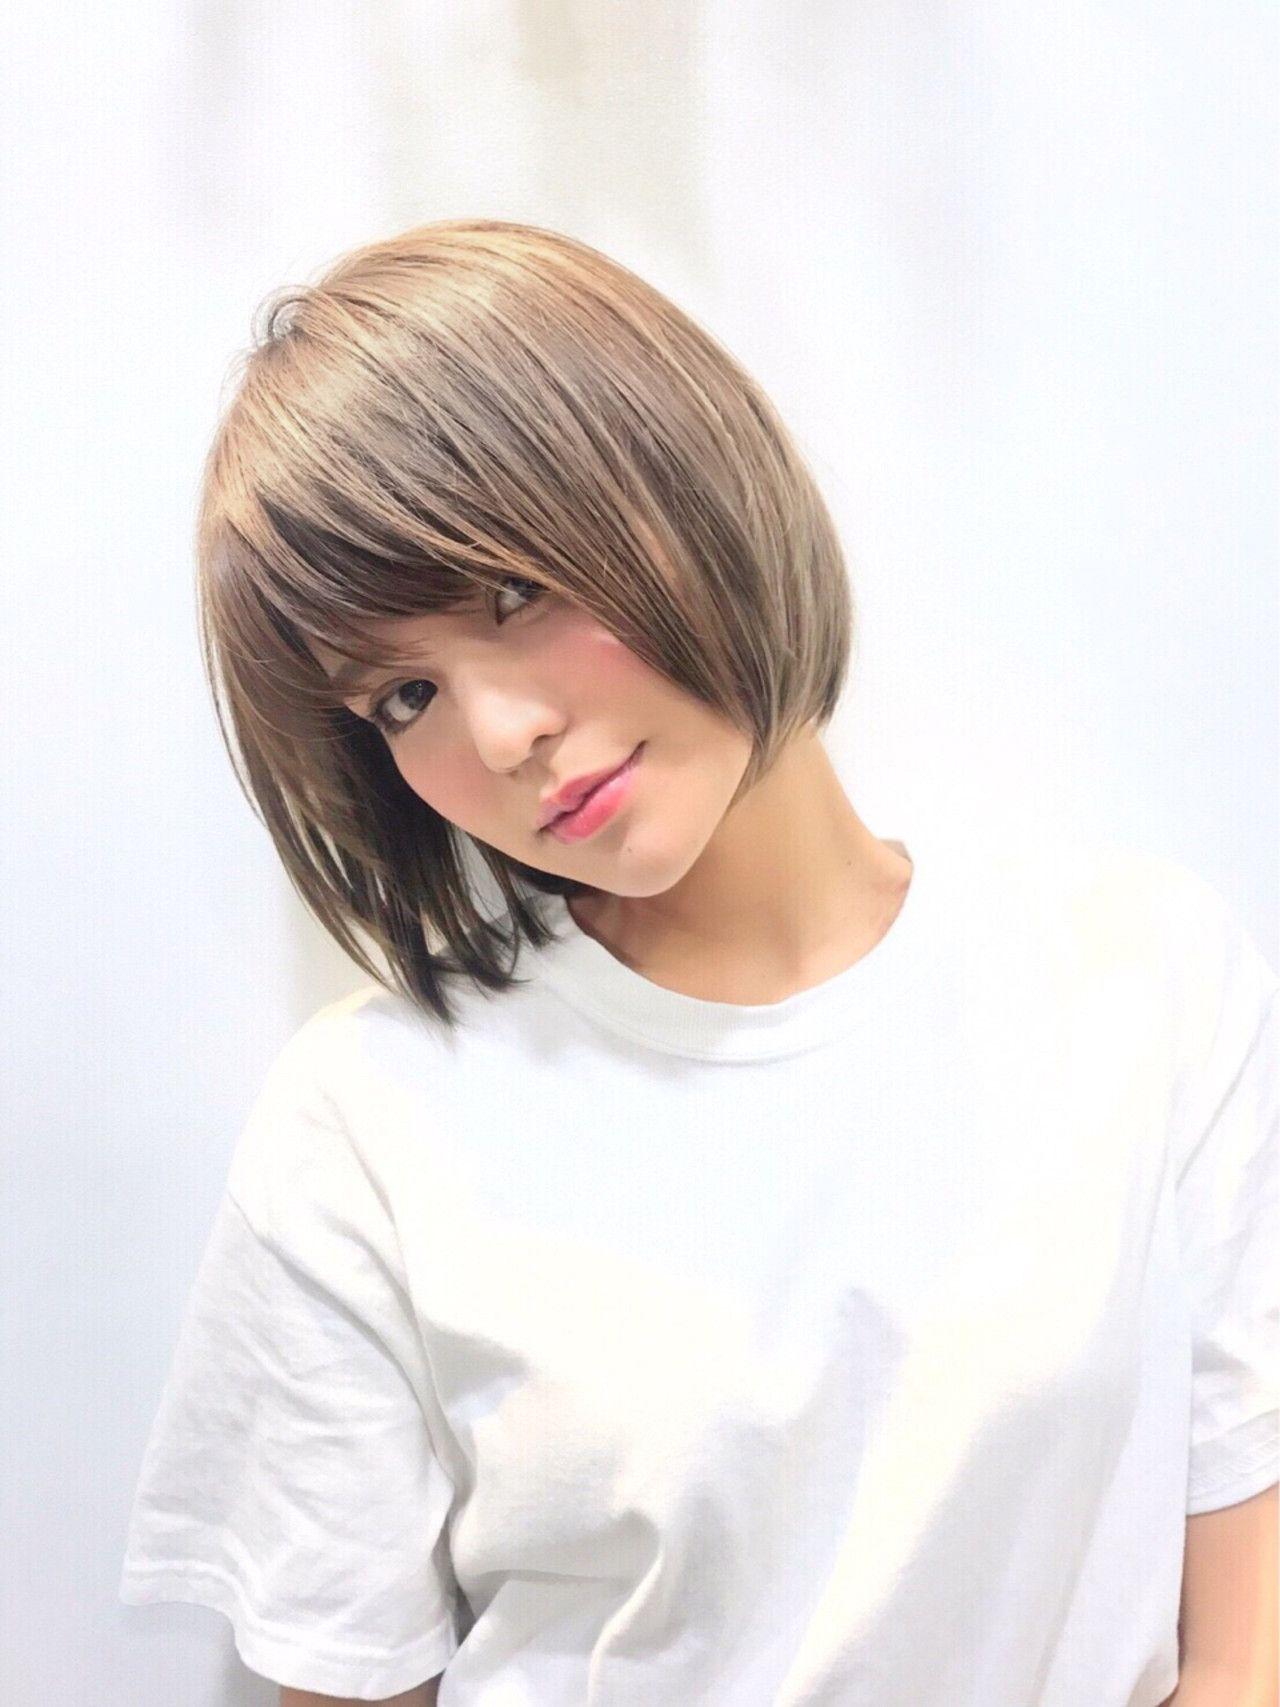 ハイトーンな透け感ヘアカラーで今年の夏は色素薄め美人に 髪型